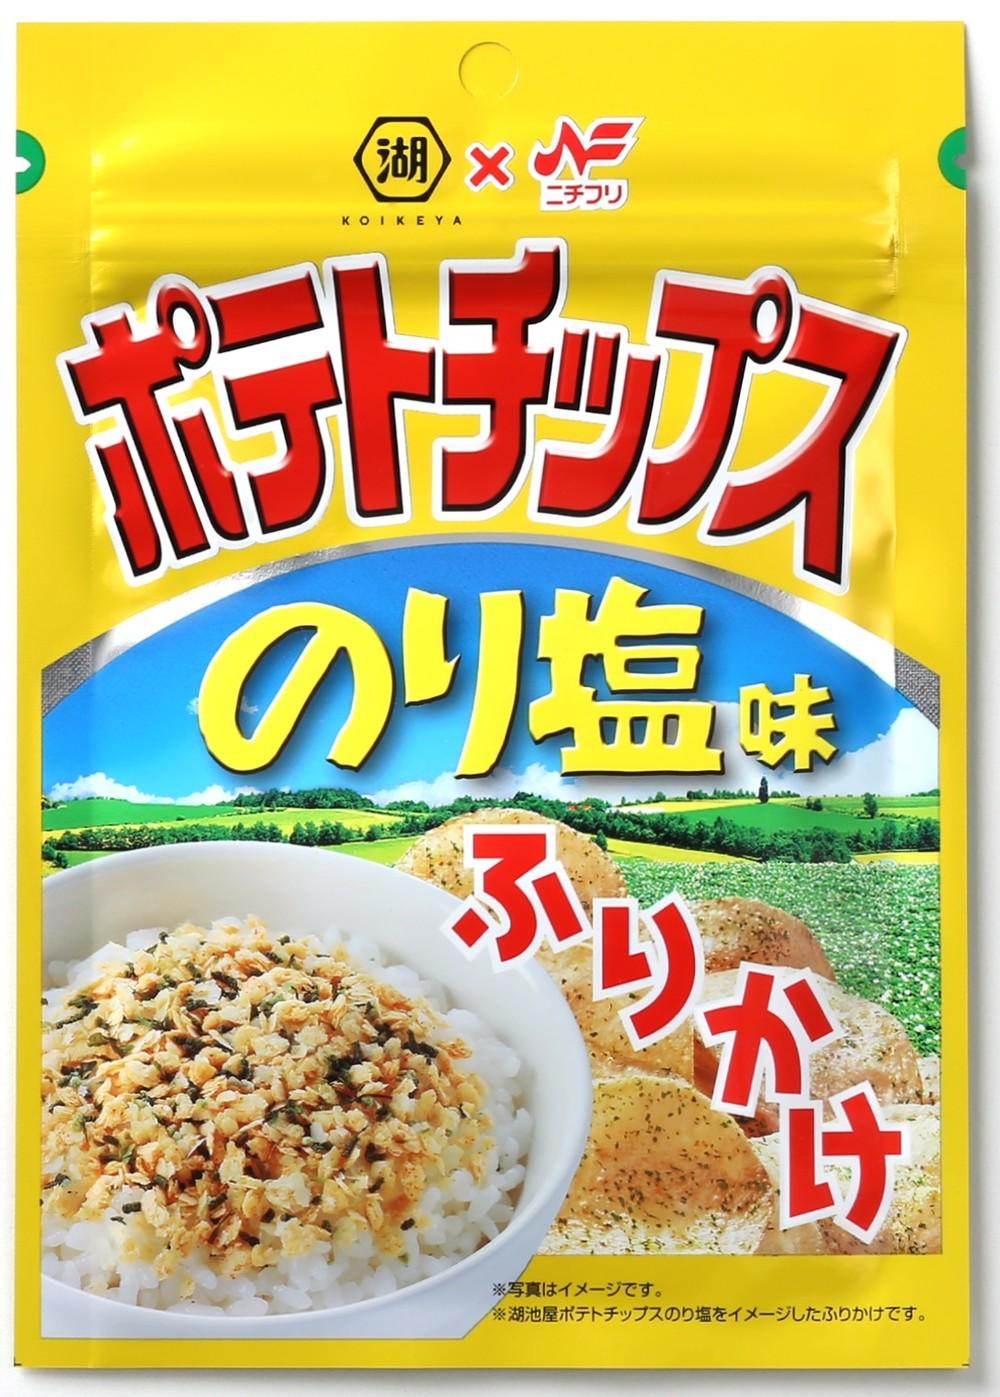 人気のポテチ飯が簡単に作れる 「のり塩味」のふりかけ登場